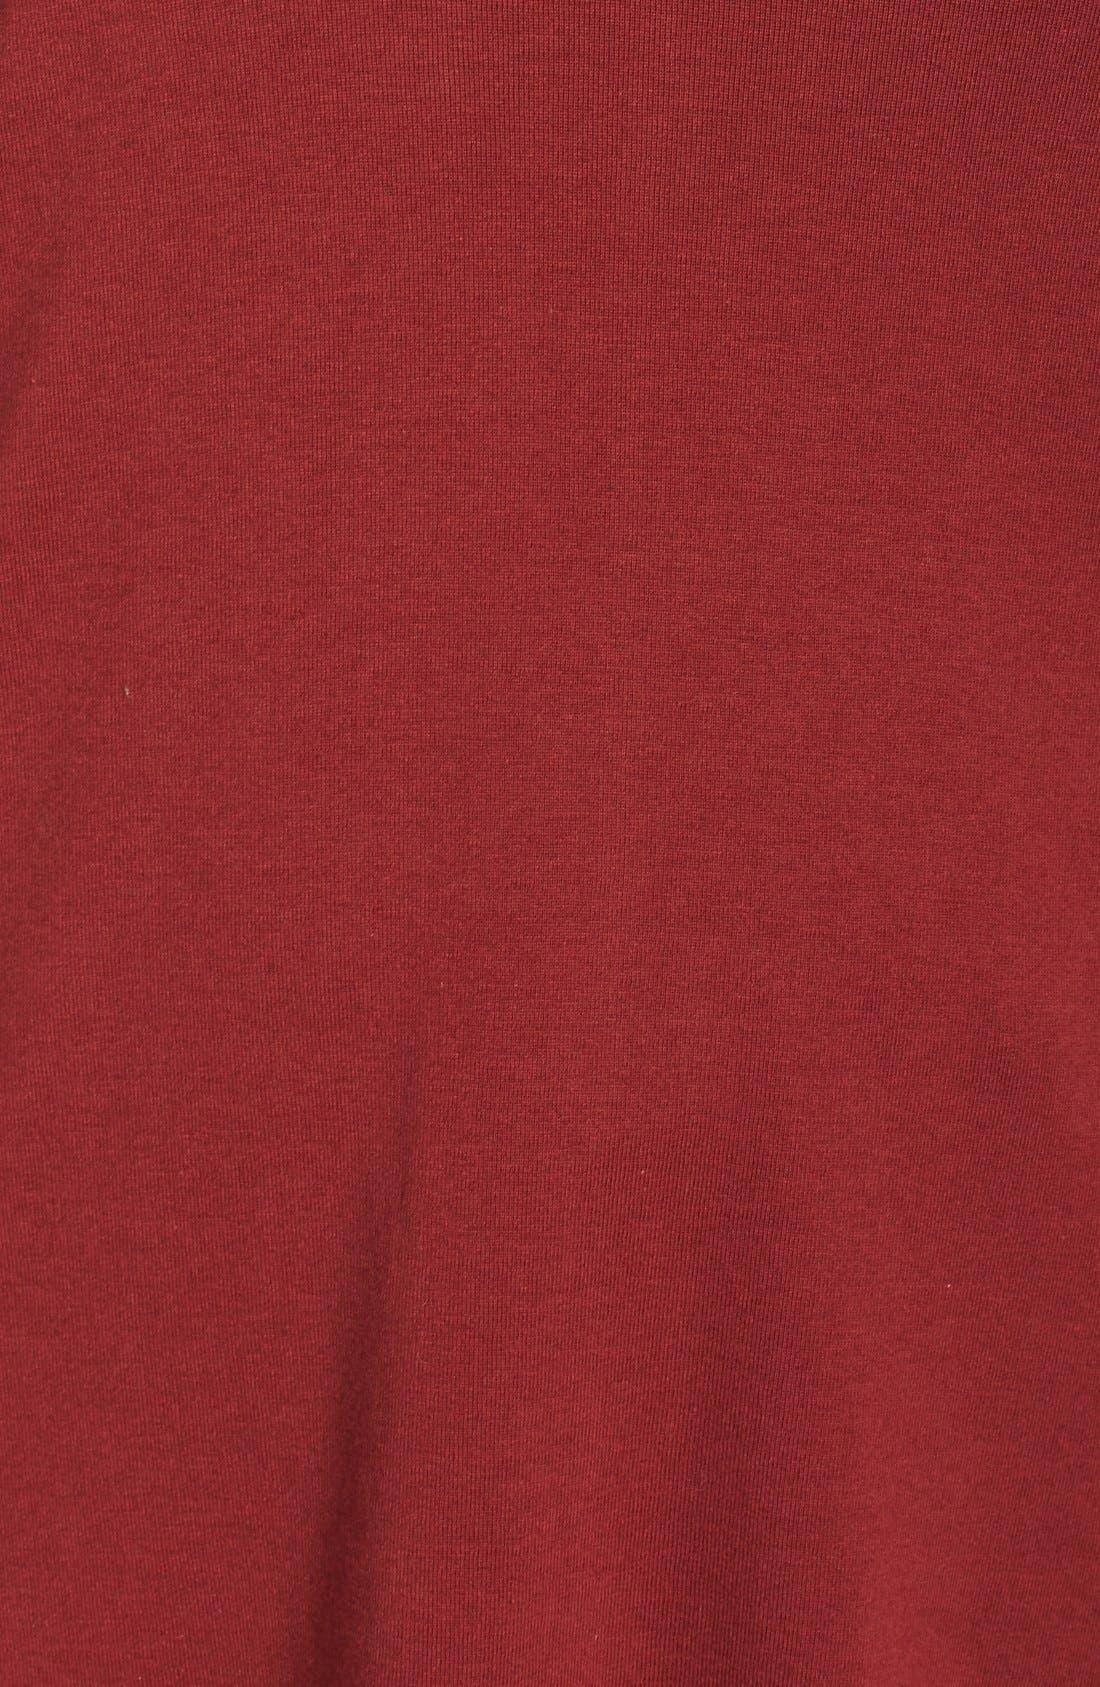 Short Sleeve V-Neck Tee,                             Alternate thumbnail 161, color,